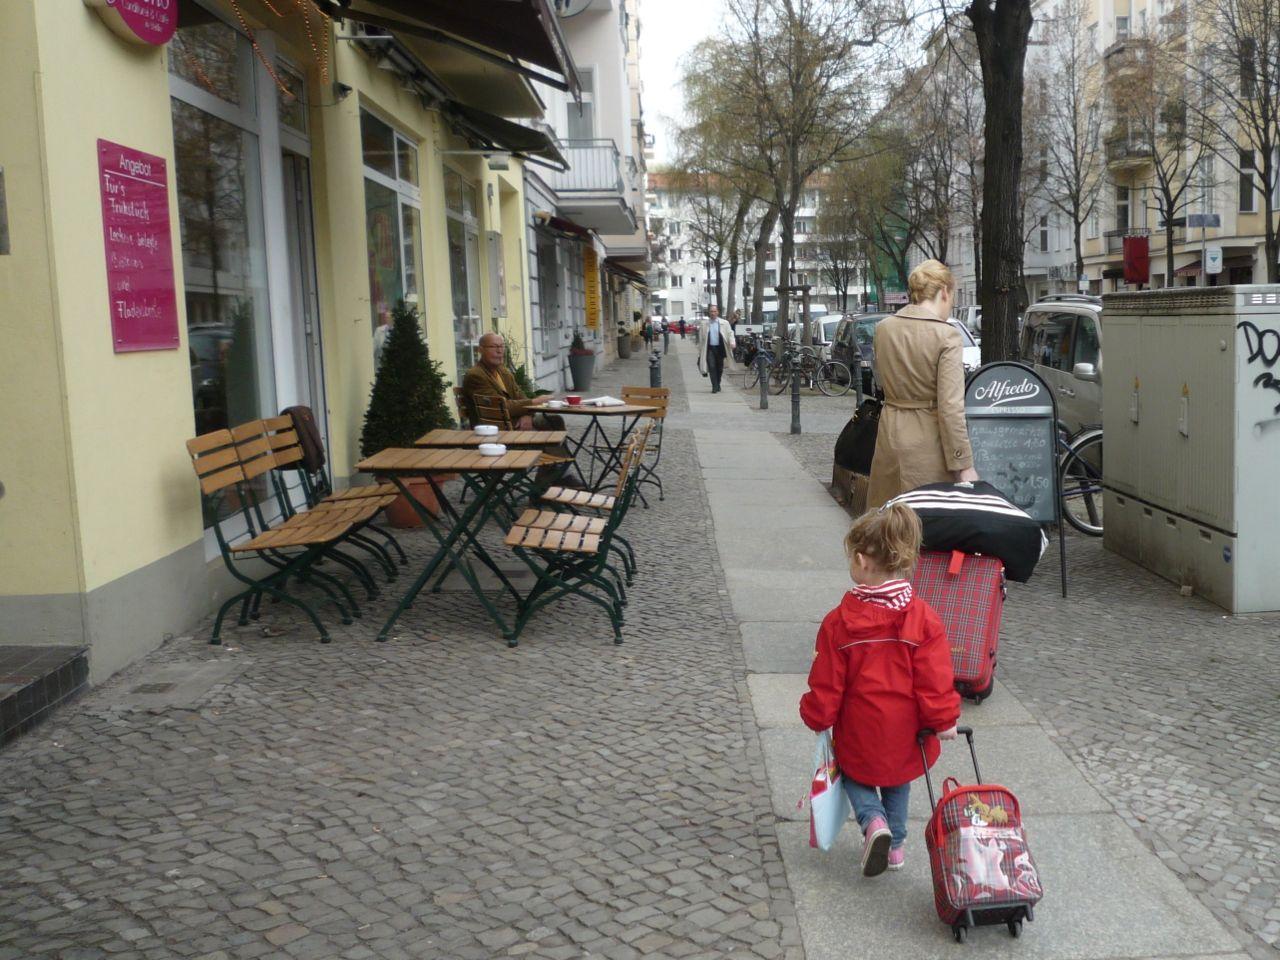 Berlin er en af meget børnevenlig - så tag bare børnene med på storbyferie.